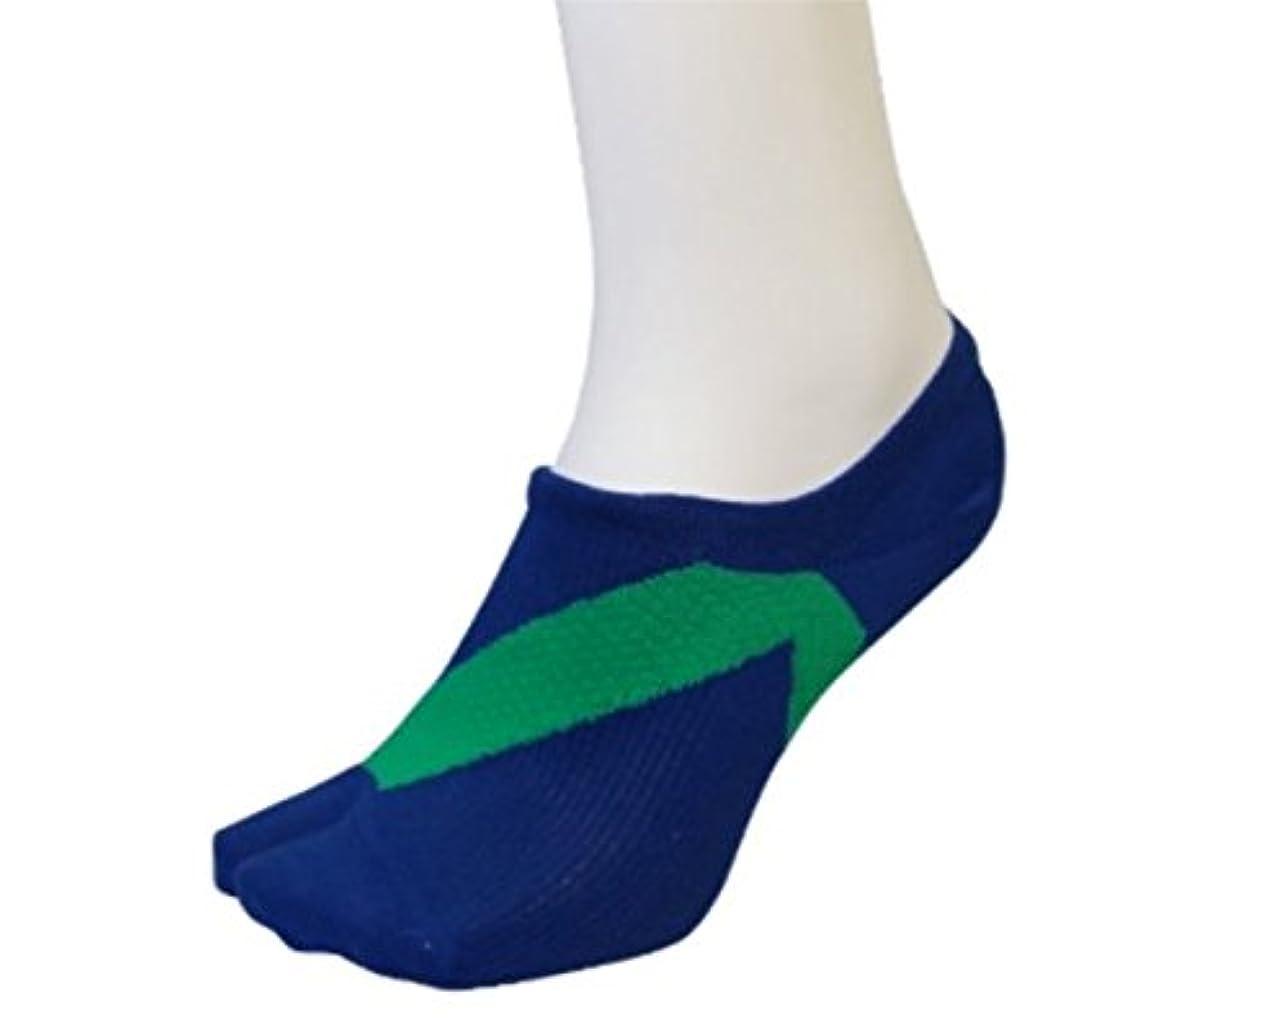 奇跡野などこでもさとう式 フレクサーソックス スニーカータイプ 青緑 (M) 足袋型